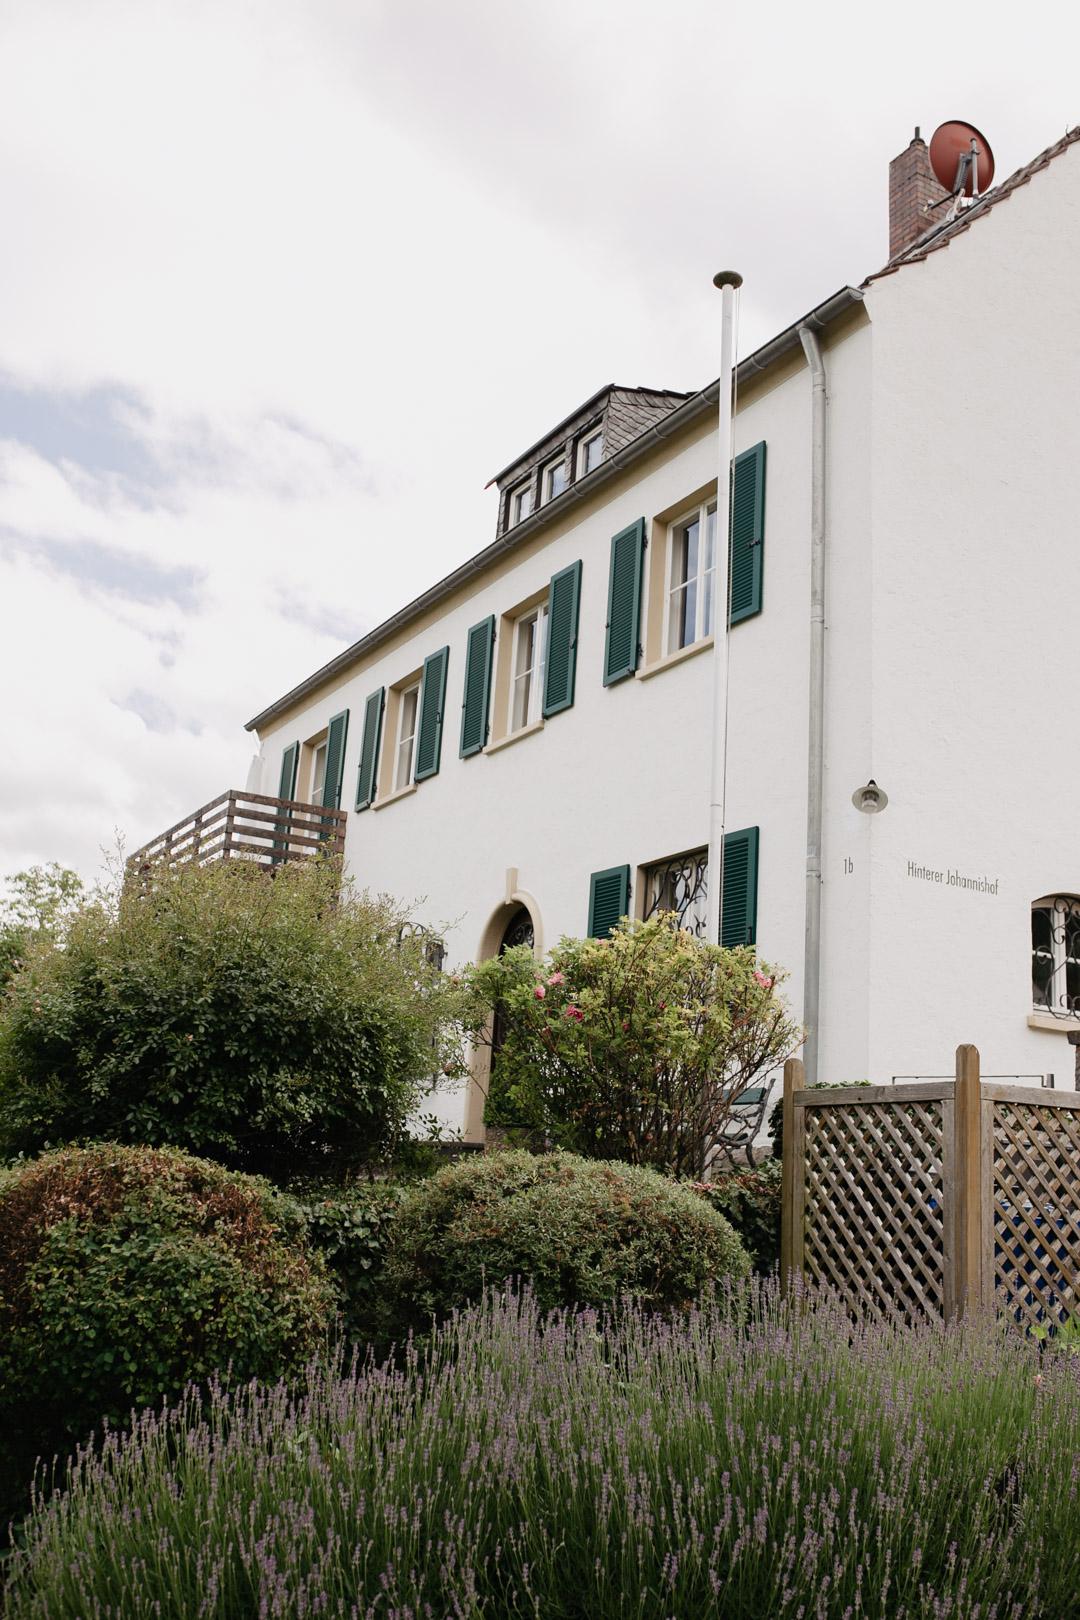 Ferienhaus in Würzburg // Pieces of Mariposa - Lifestyle Blog aus Nürnberg